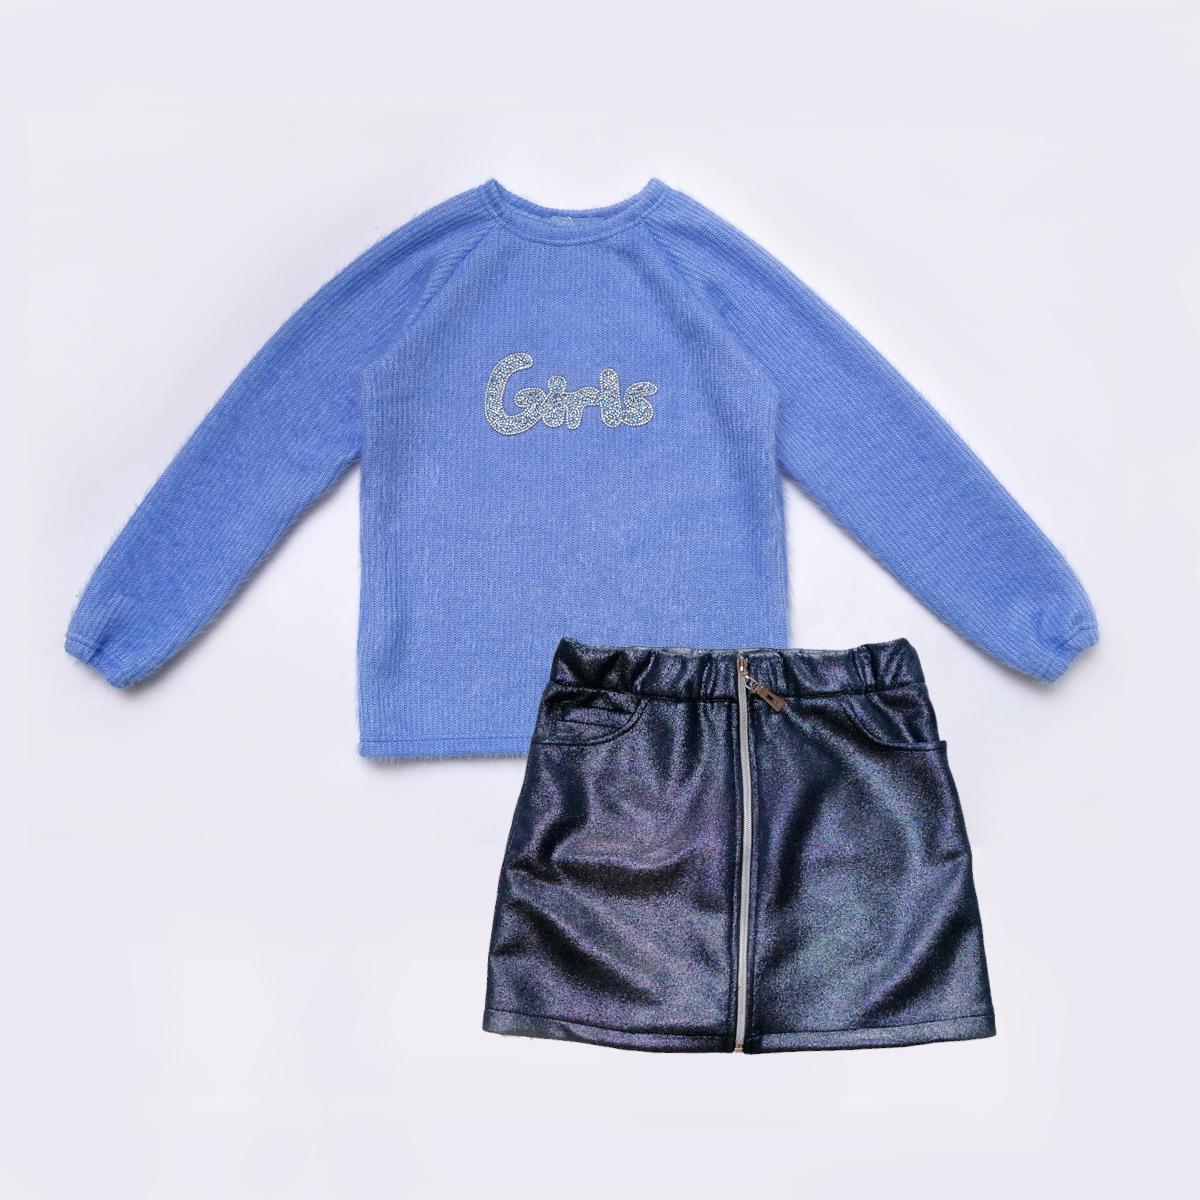 Комплект для девочки, свитер и юбка, Holiday, синий, SmileTime